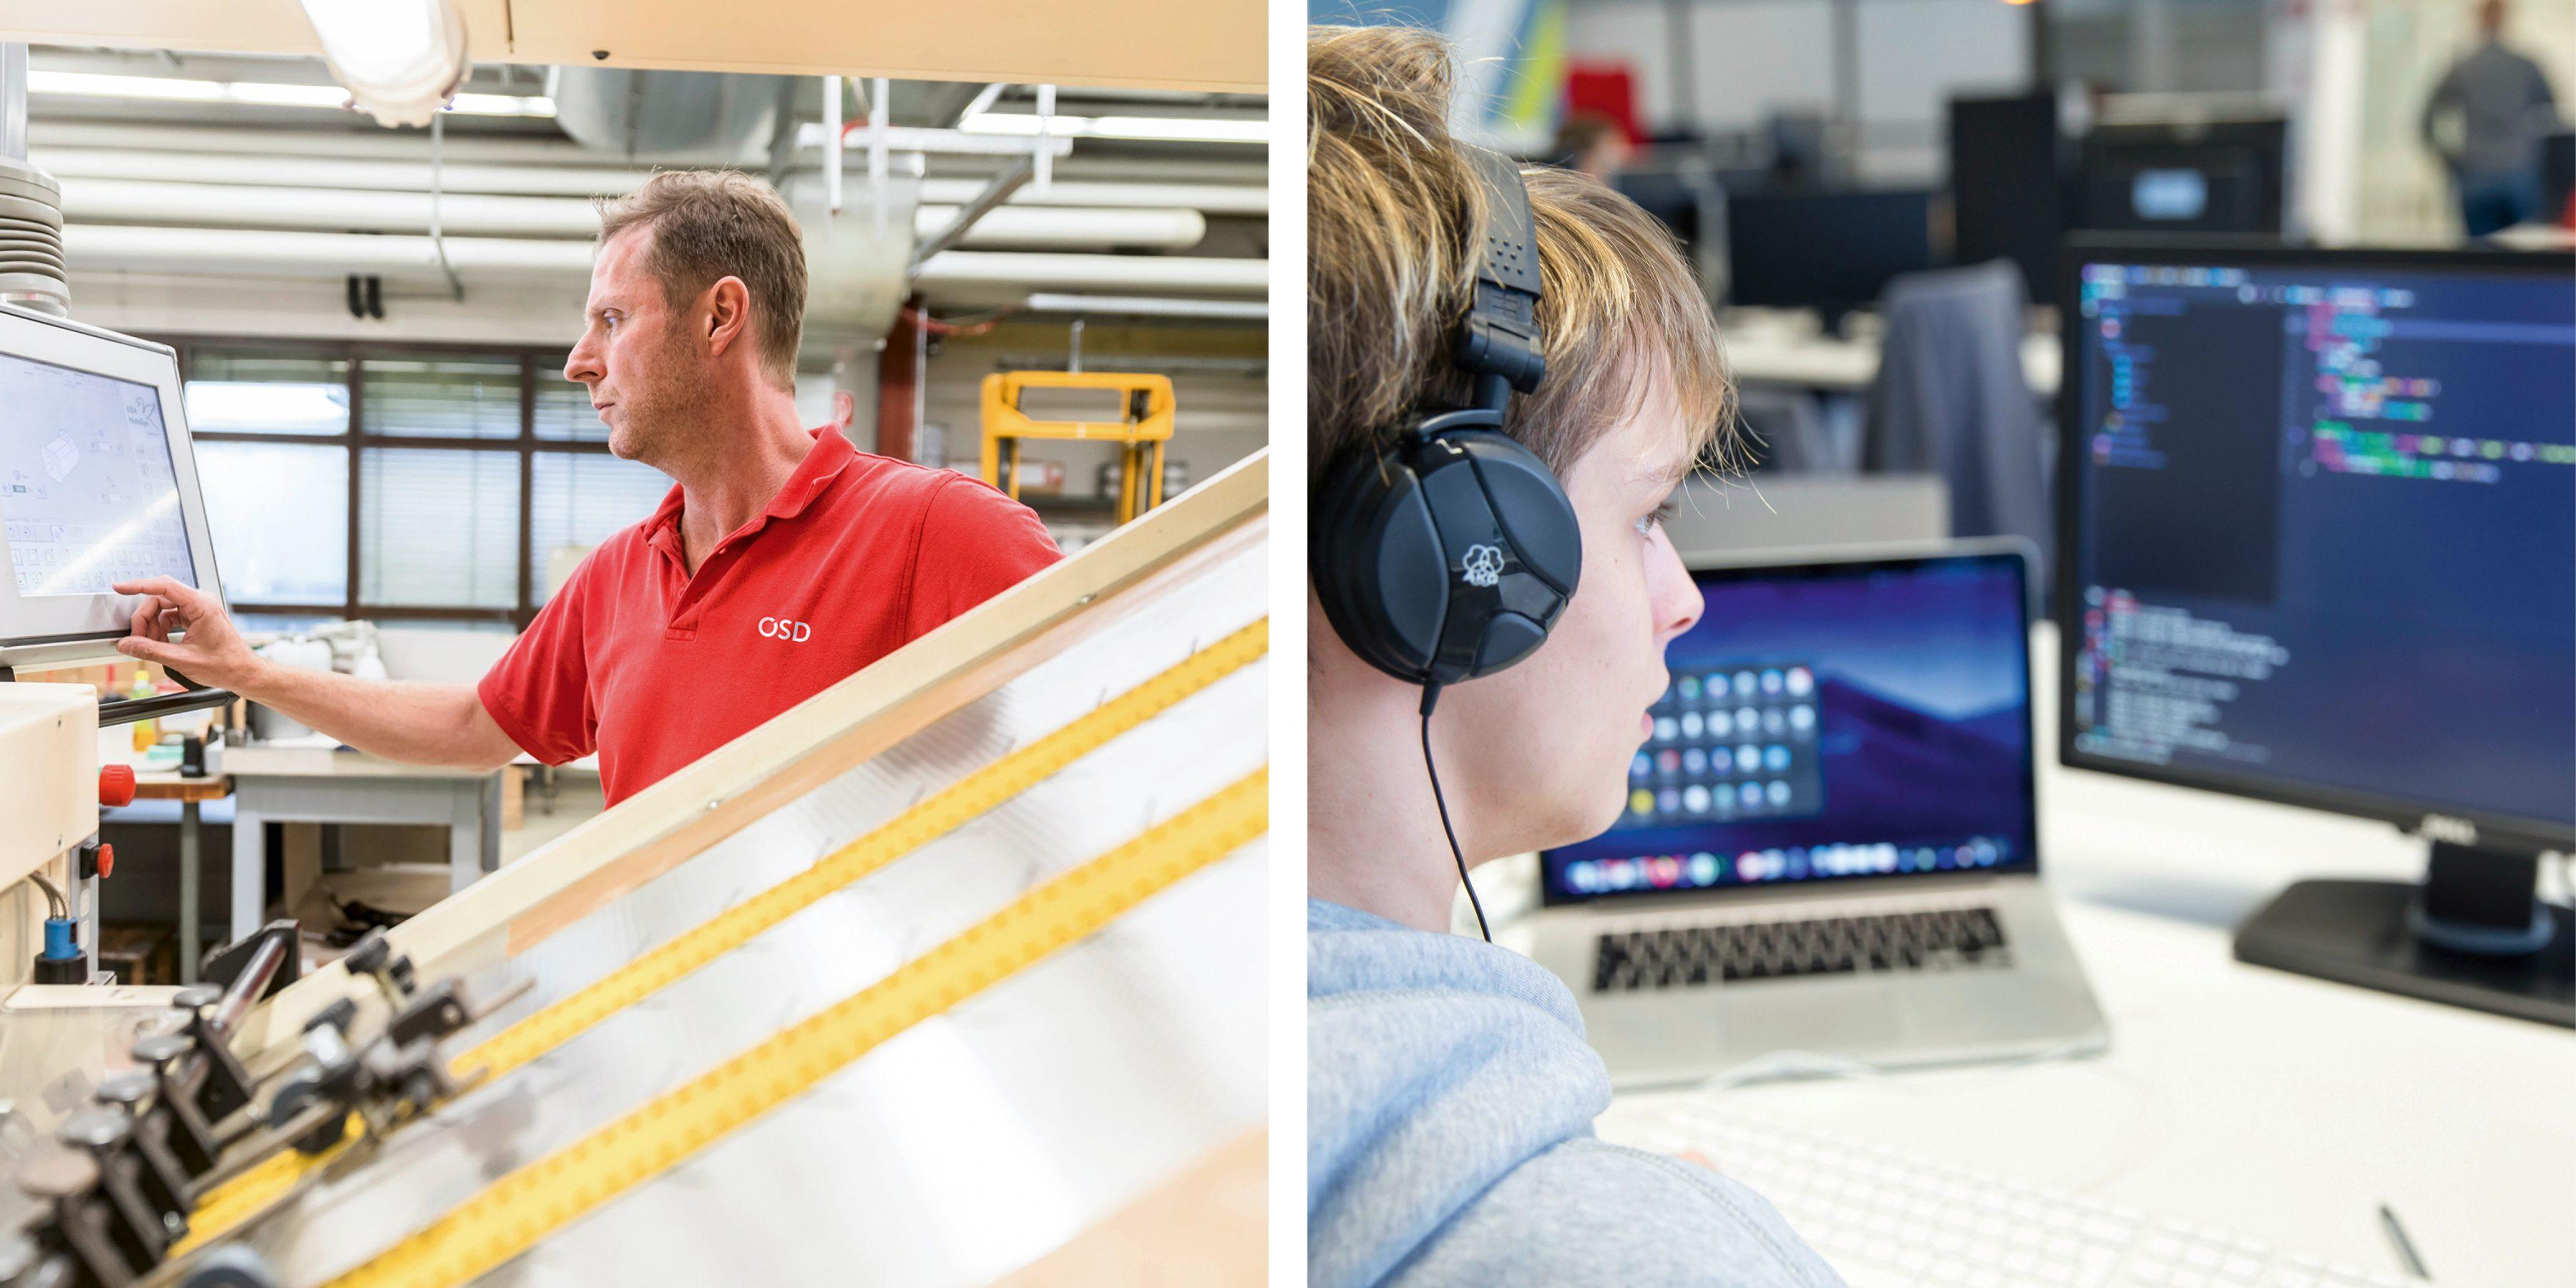 Drucker; Programmierer; Darstellungsbild für Lehrstellen-Ausschreibung